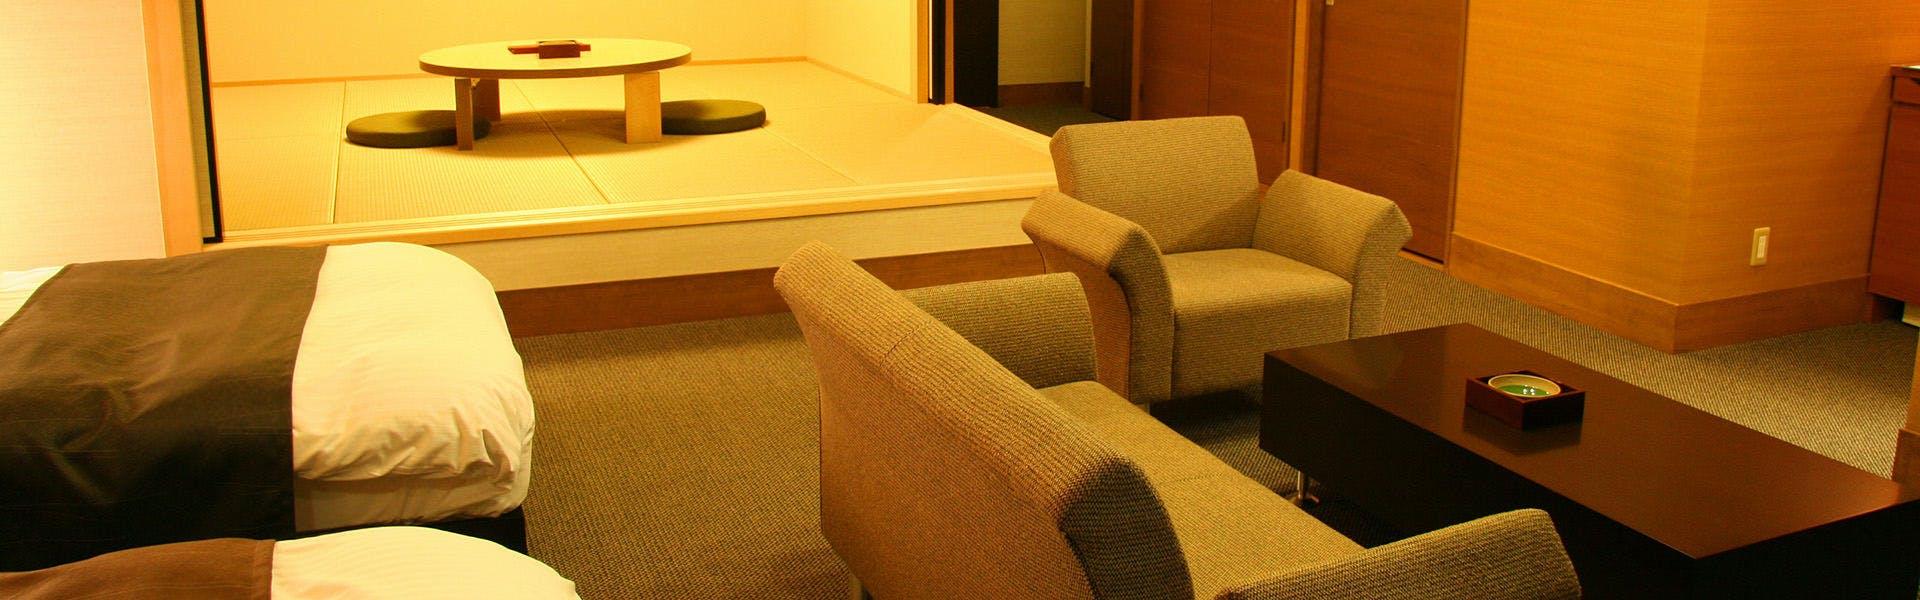 記念日におすすめのホテル・山鹿温泉 清流荘の写真3